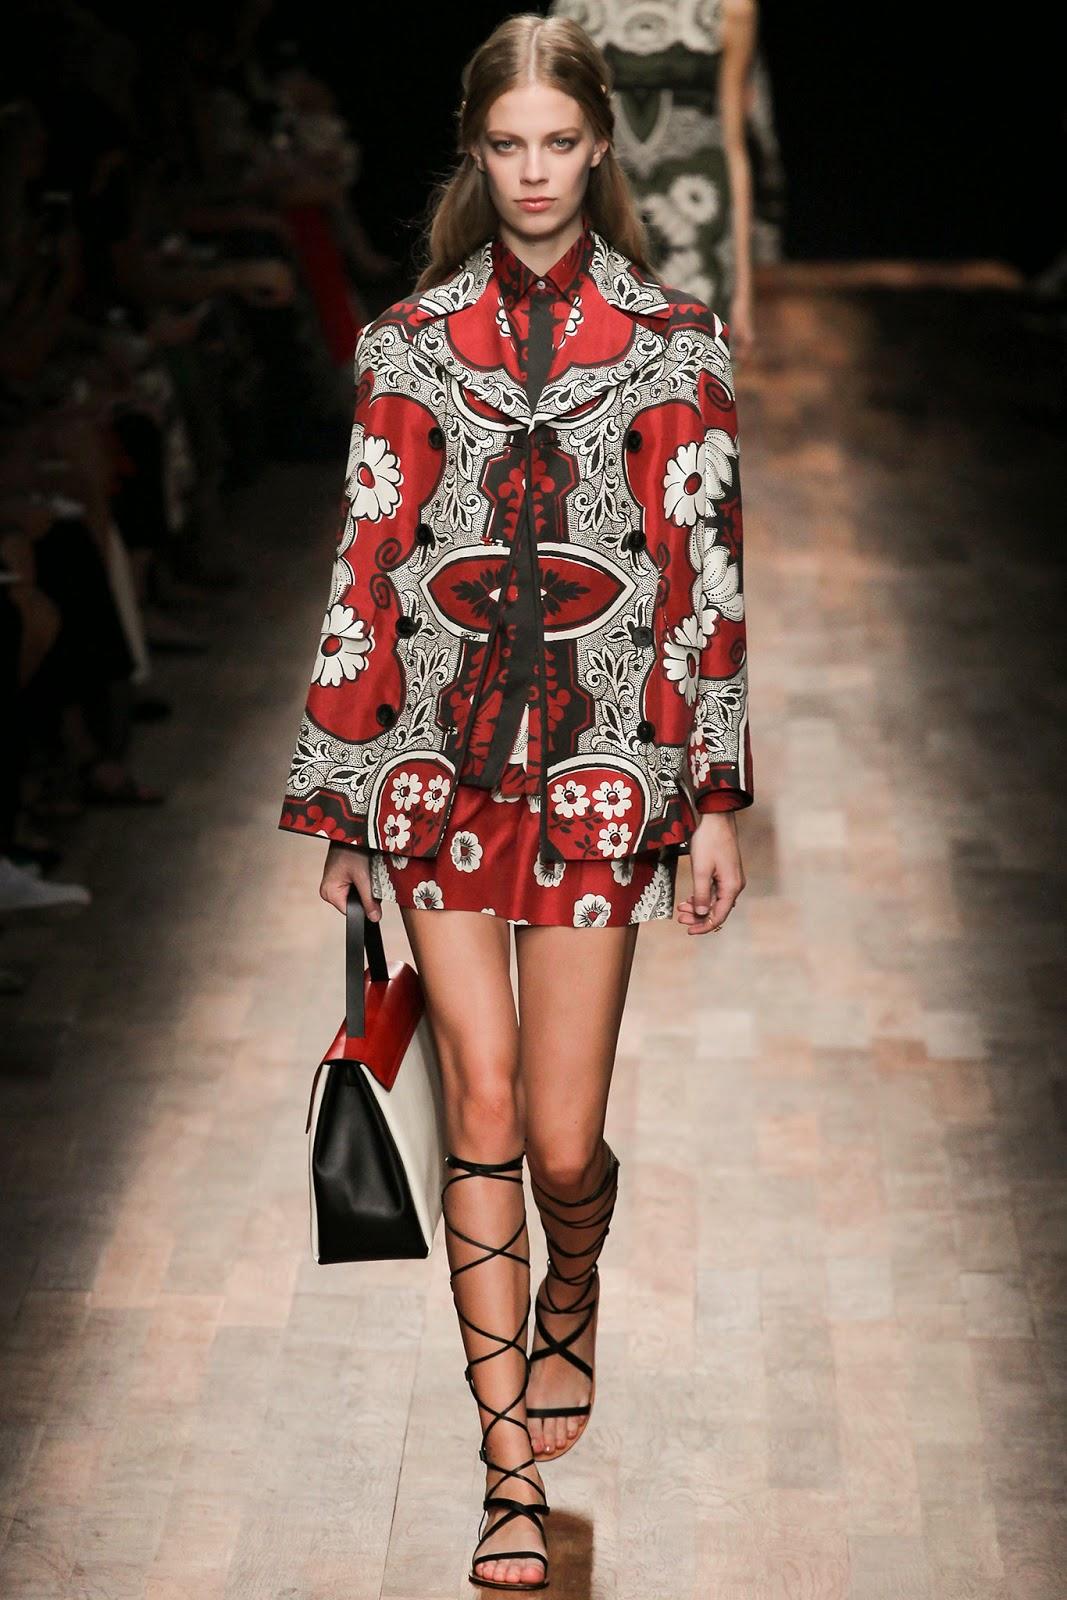 valentino 2015 summer 2016 trend women dress16 Valentino 2015 samling, våren sommaren 2016 Valentino klänning modeller, Valentino kväll klänning nya säsongen kvinnors kjolar modeller